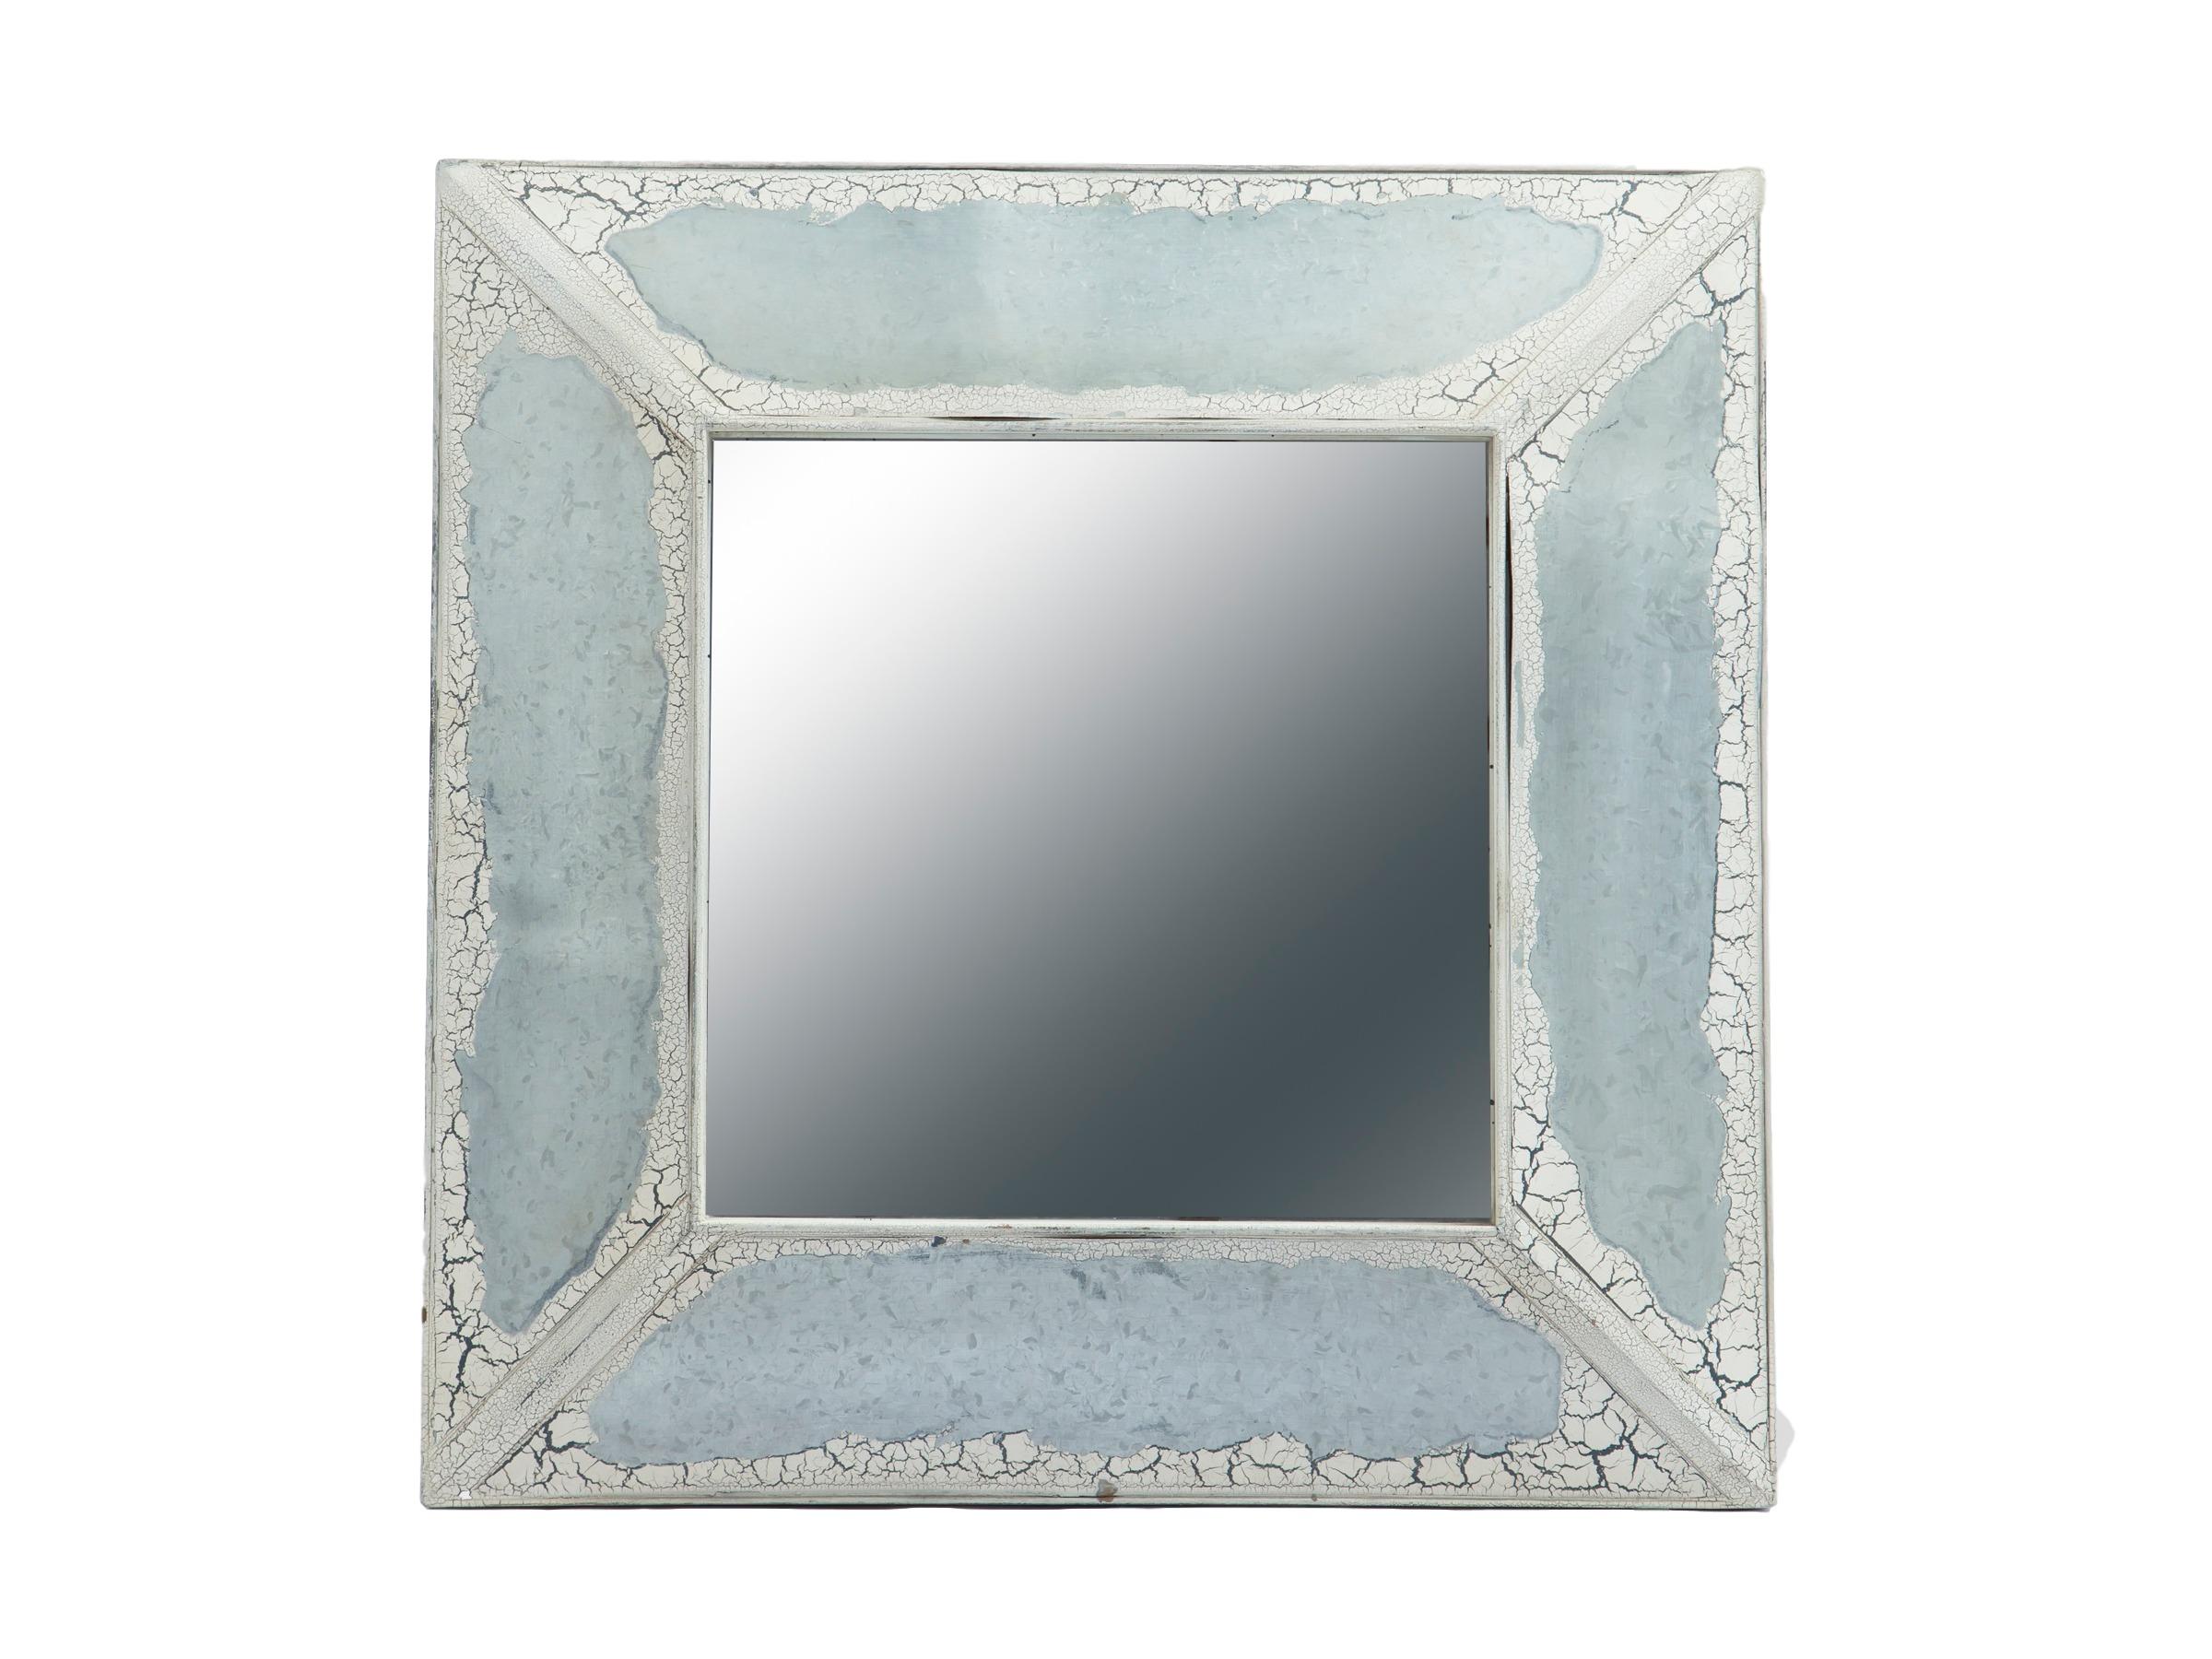 ЗеркалоНастенные зеркала<br>Квадратное зеркало в раме,украшенный вставками из состаренного металла .<br><br>Material: Дерево<br>Ширина см: 81<br>Высота см: 81<br>Глубина см: 8